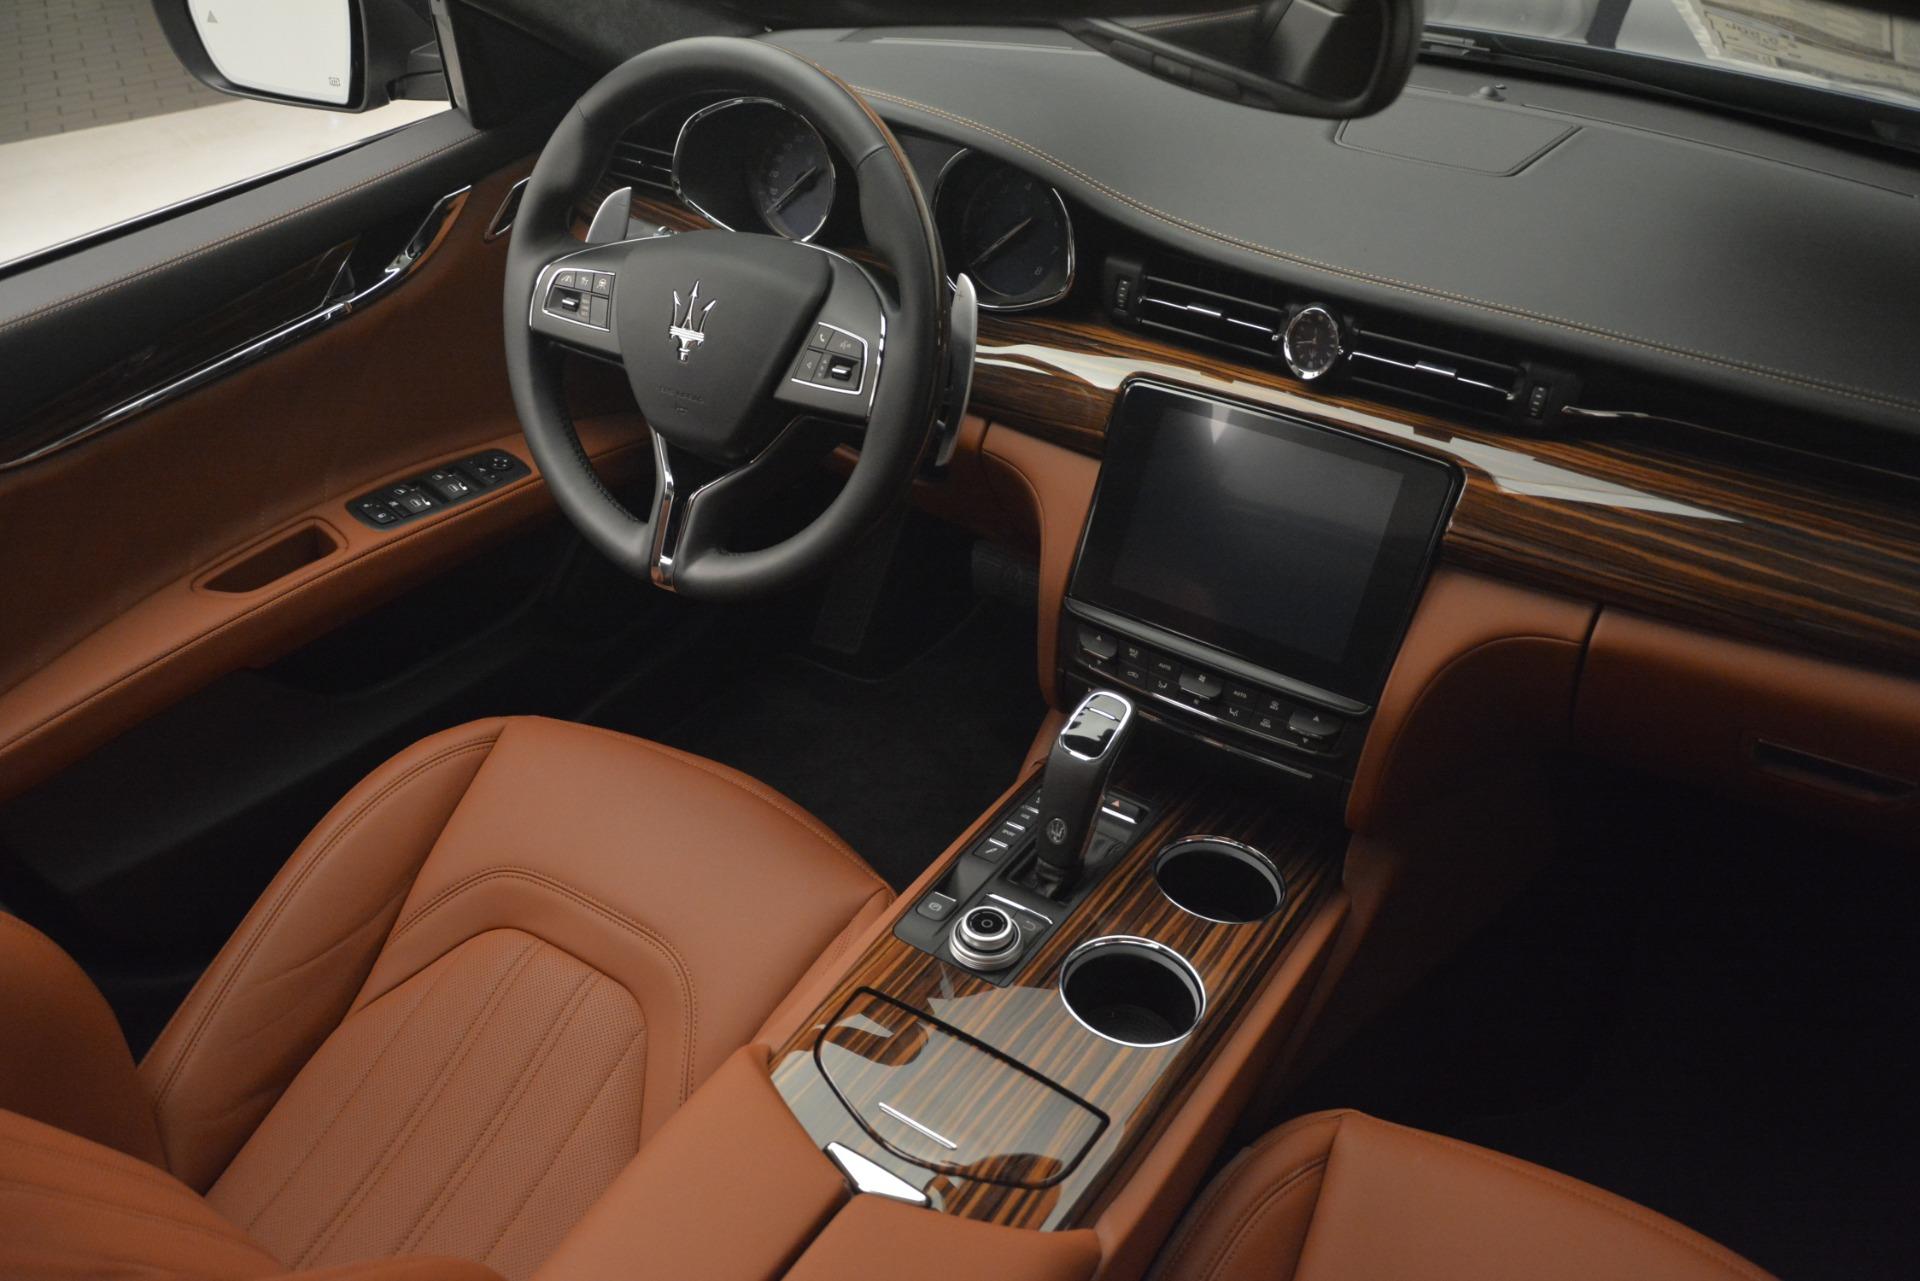 New 2019 Maserati Quattroporte S Q4 GranLusso For Sale 0 In Greenwich, CT